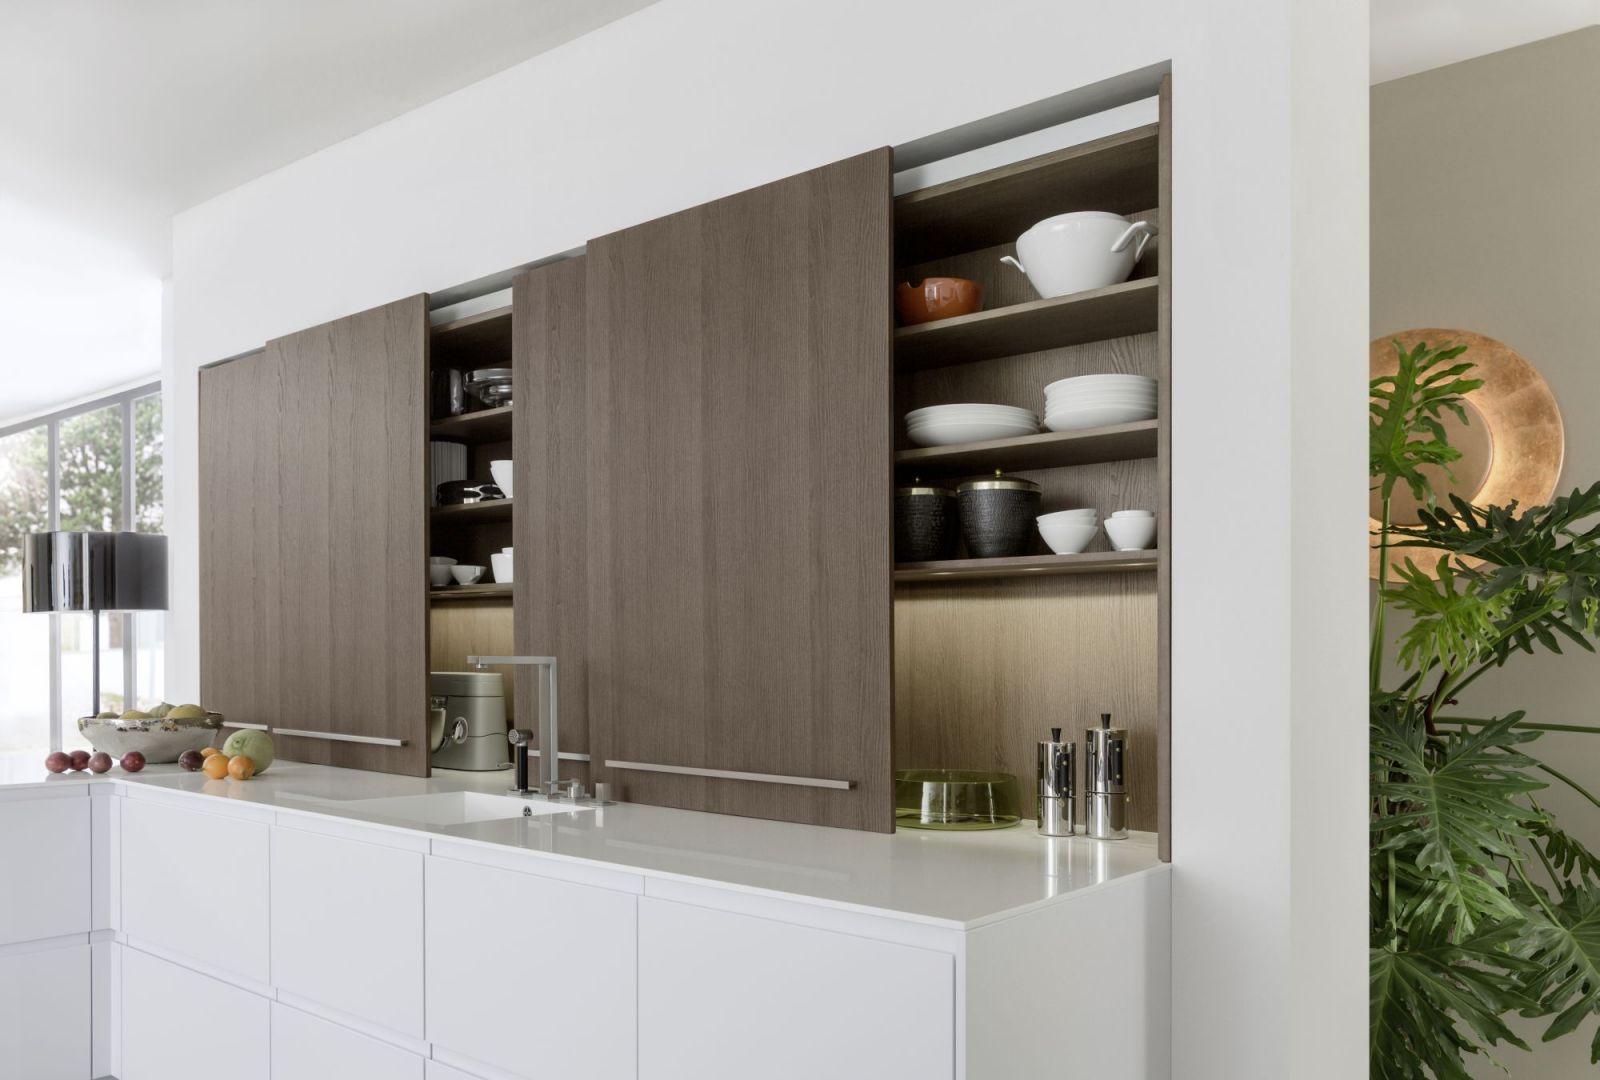 Przesuwne drzwi zamiast frontów to bardzo wygodne rozwiązanie. Takie szafki zdają egzamin szczególnie w małych kuchniach - przed szafką nie musi być dużo miejsca, by wygodnie z niej korzystać. Fot. Leicht